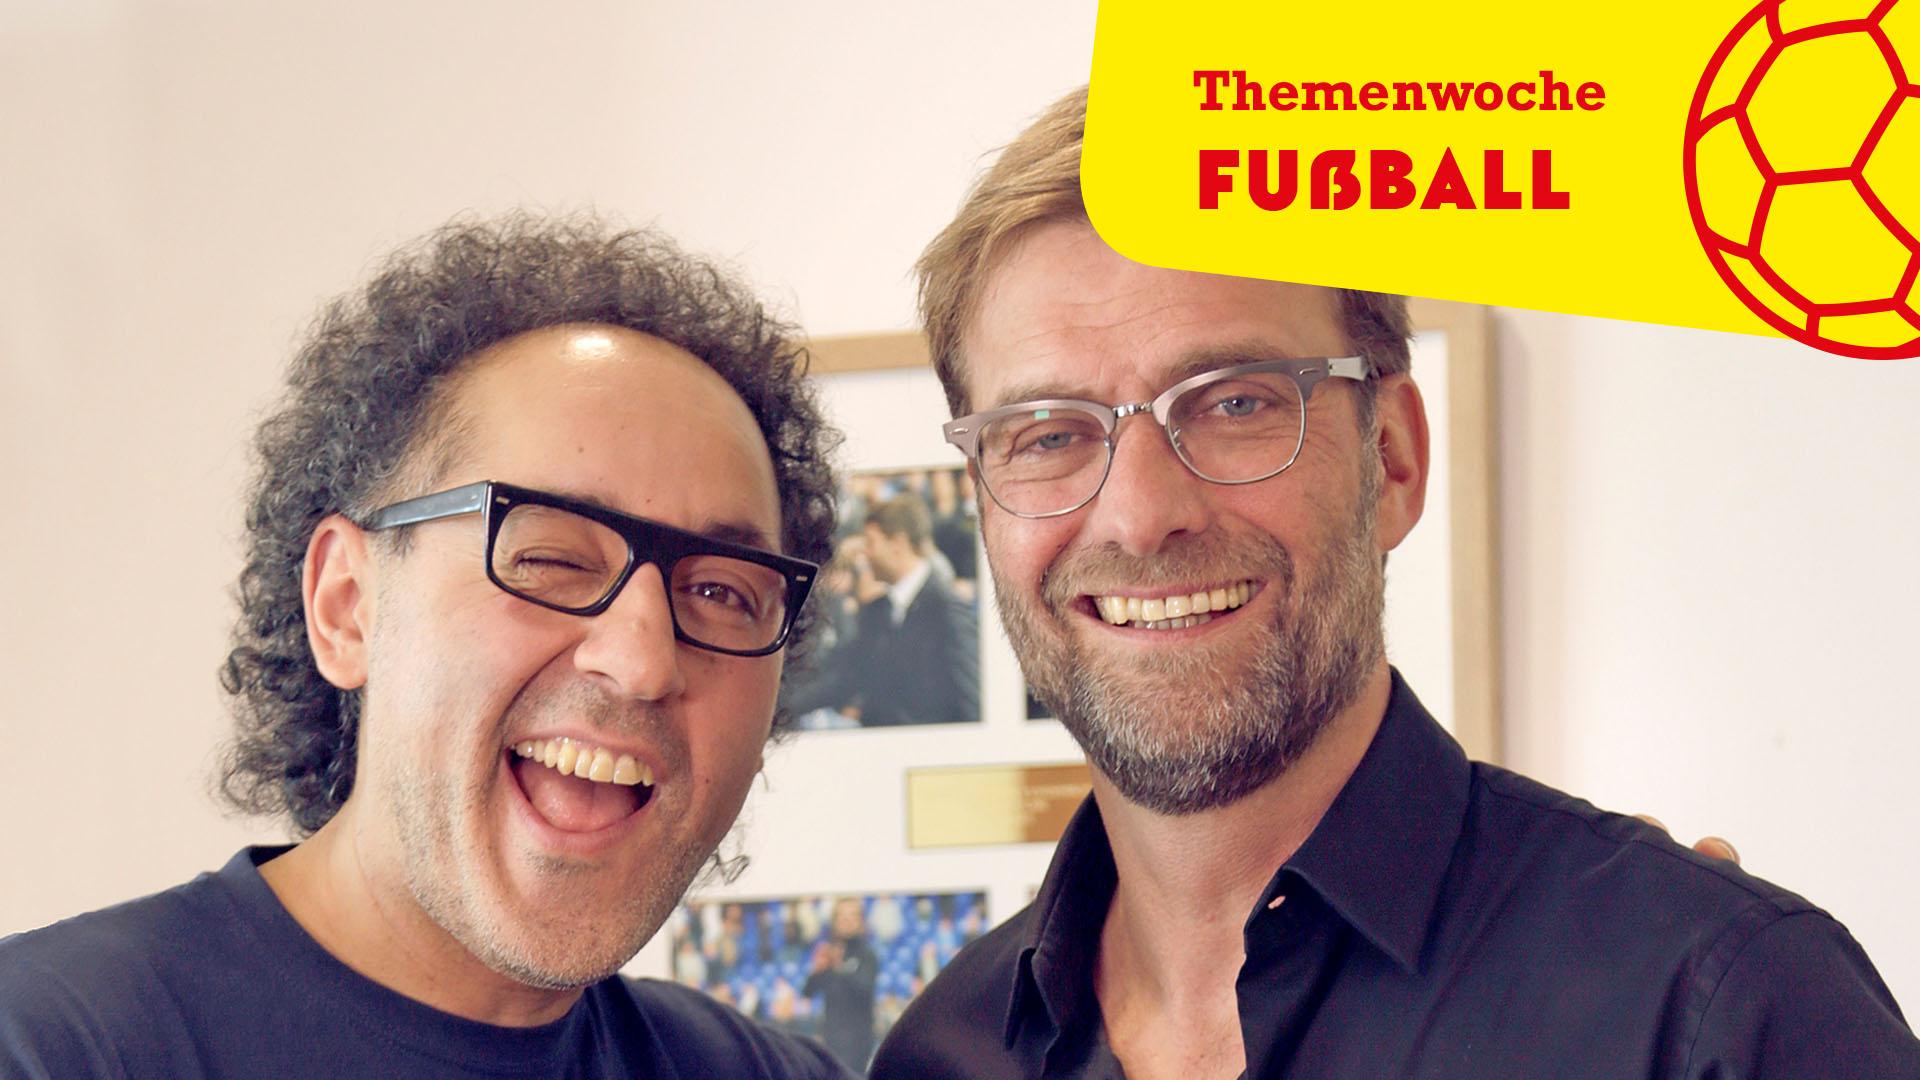 Autor David Kadel und Liverpool-Trainer Jürgen Klopp